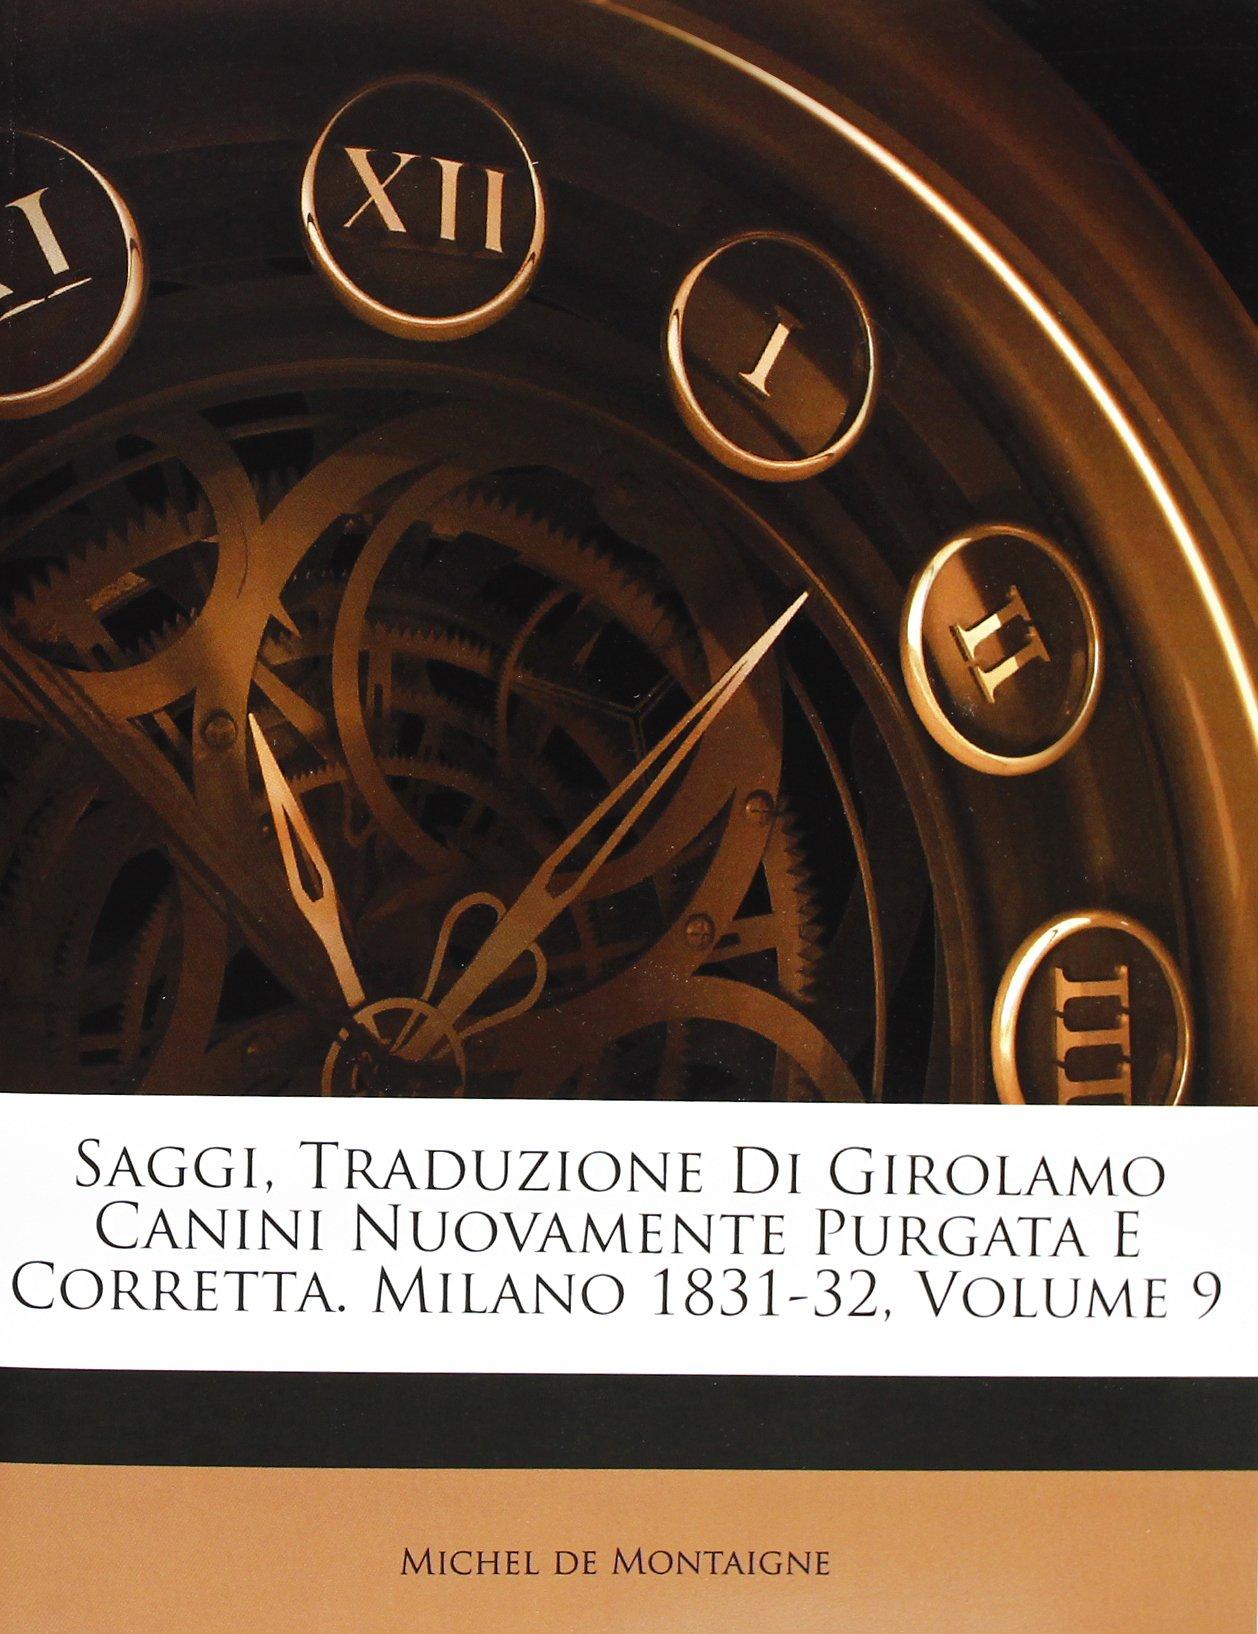 Download Saggi, Traduzione Di Girolamo Canini Nuovamente Purgata E Corretta. Milano 1831-32, Volume 9 (Italian Edition) PDF